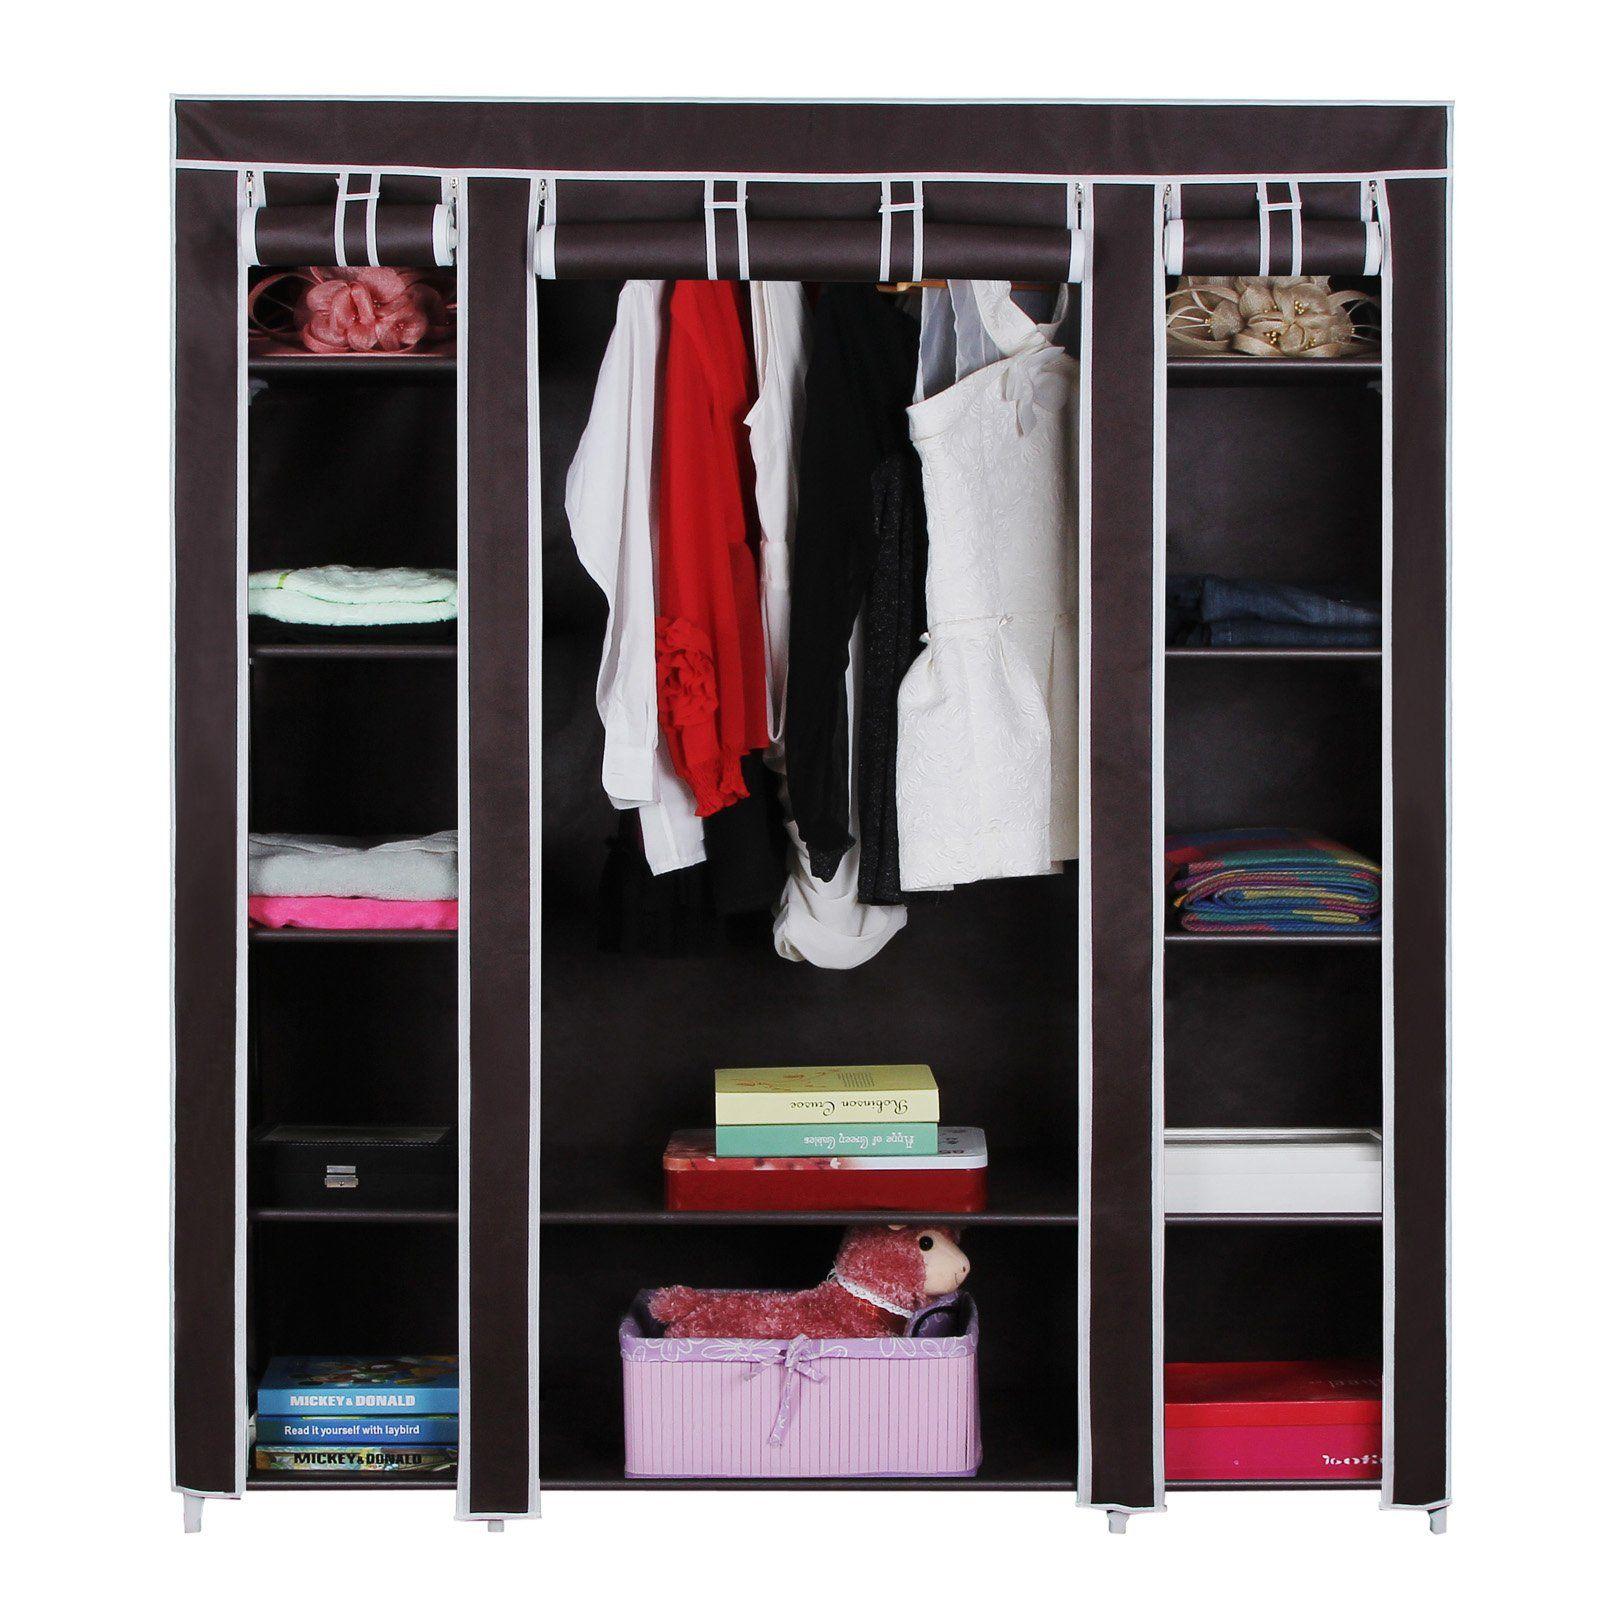 Non-Woven Fabric Storage Organizer Wardrobe SONGMICS 59 Inches Portable Closet